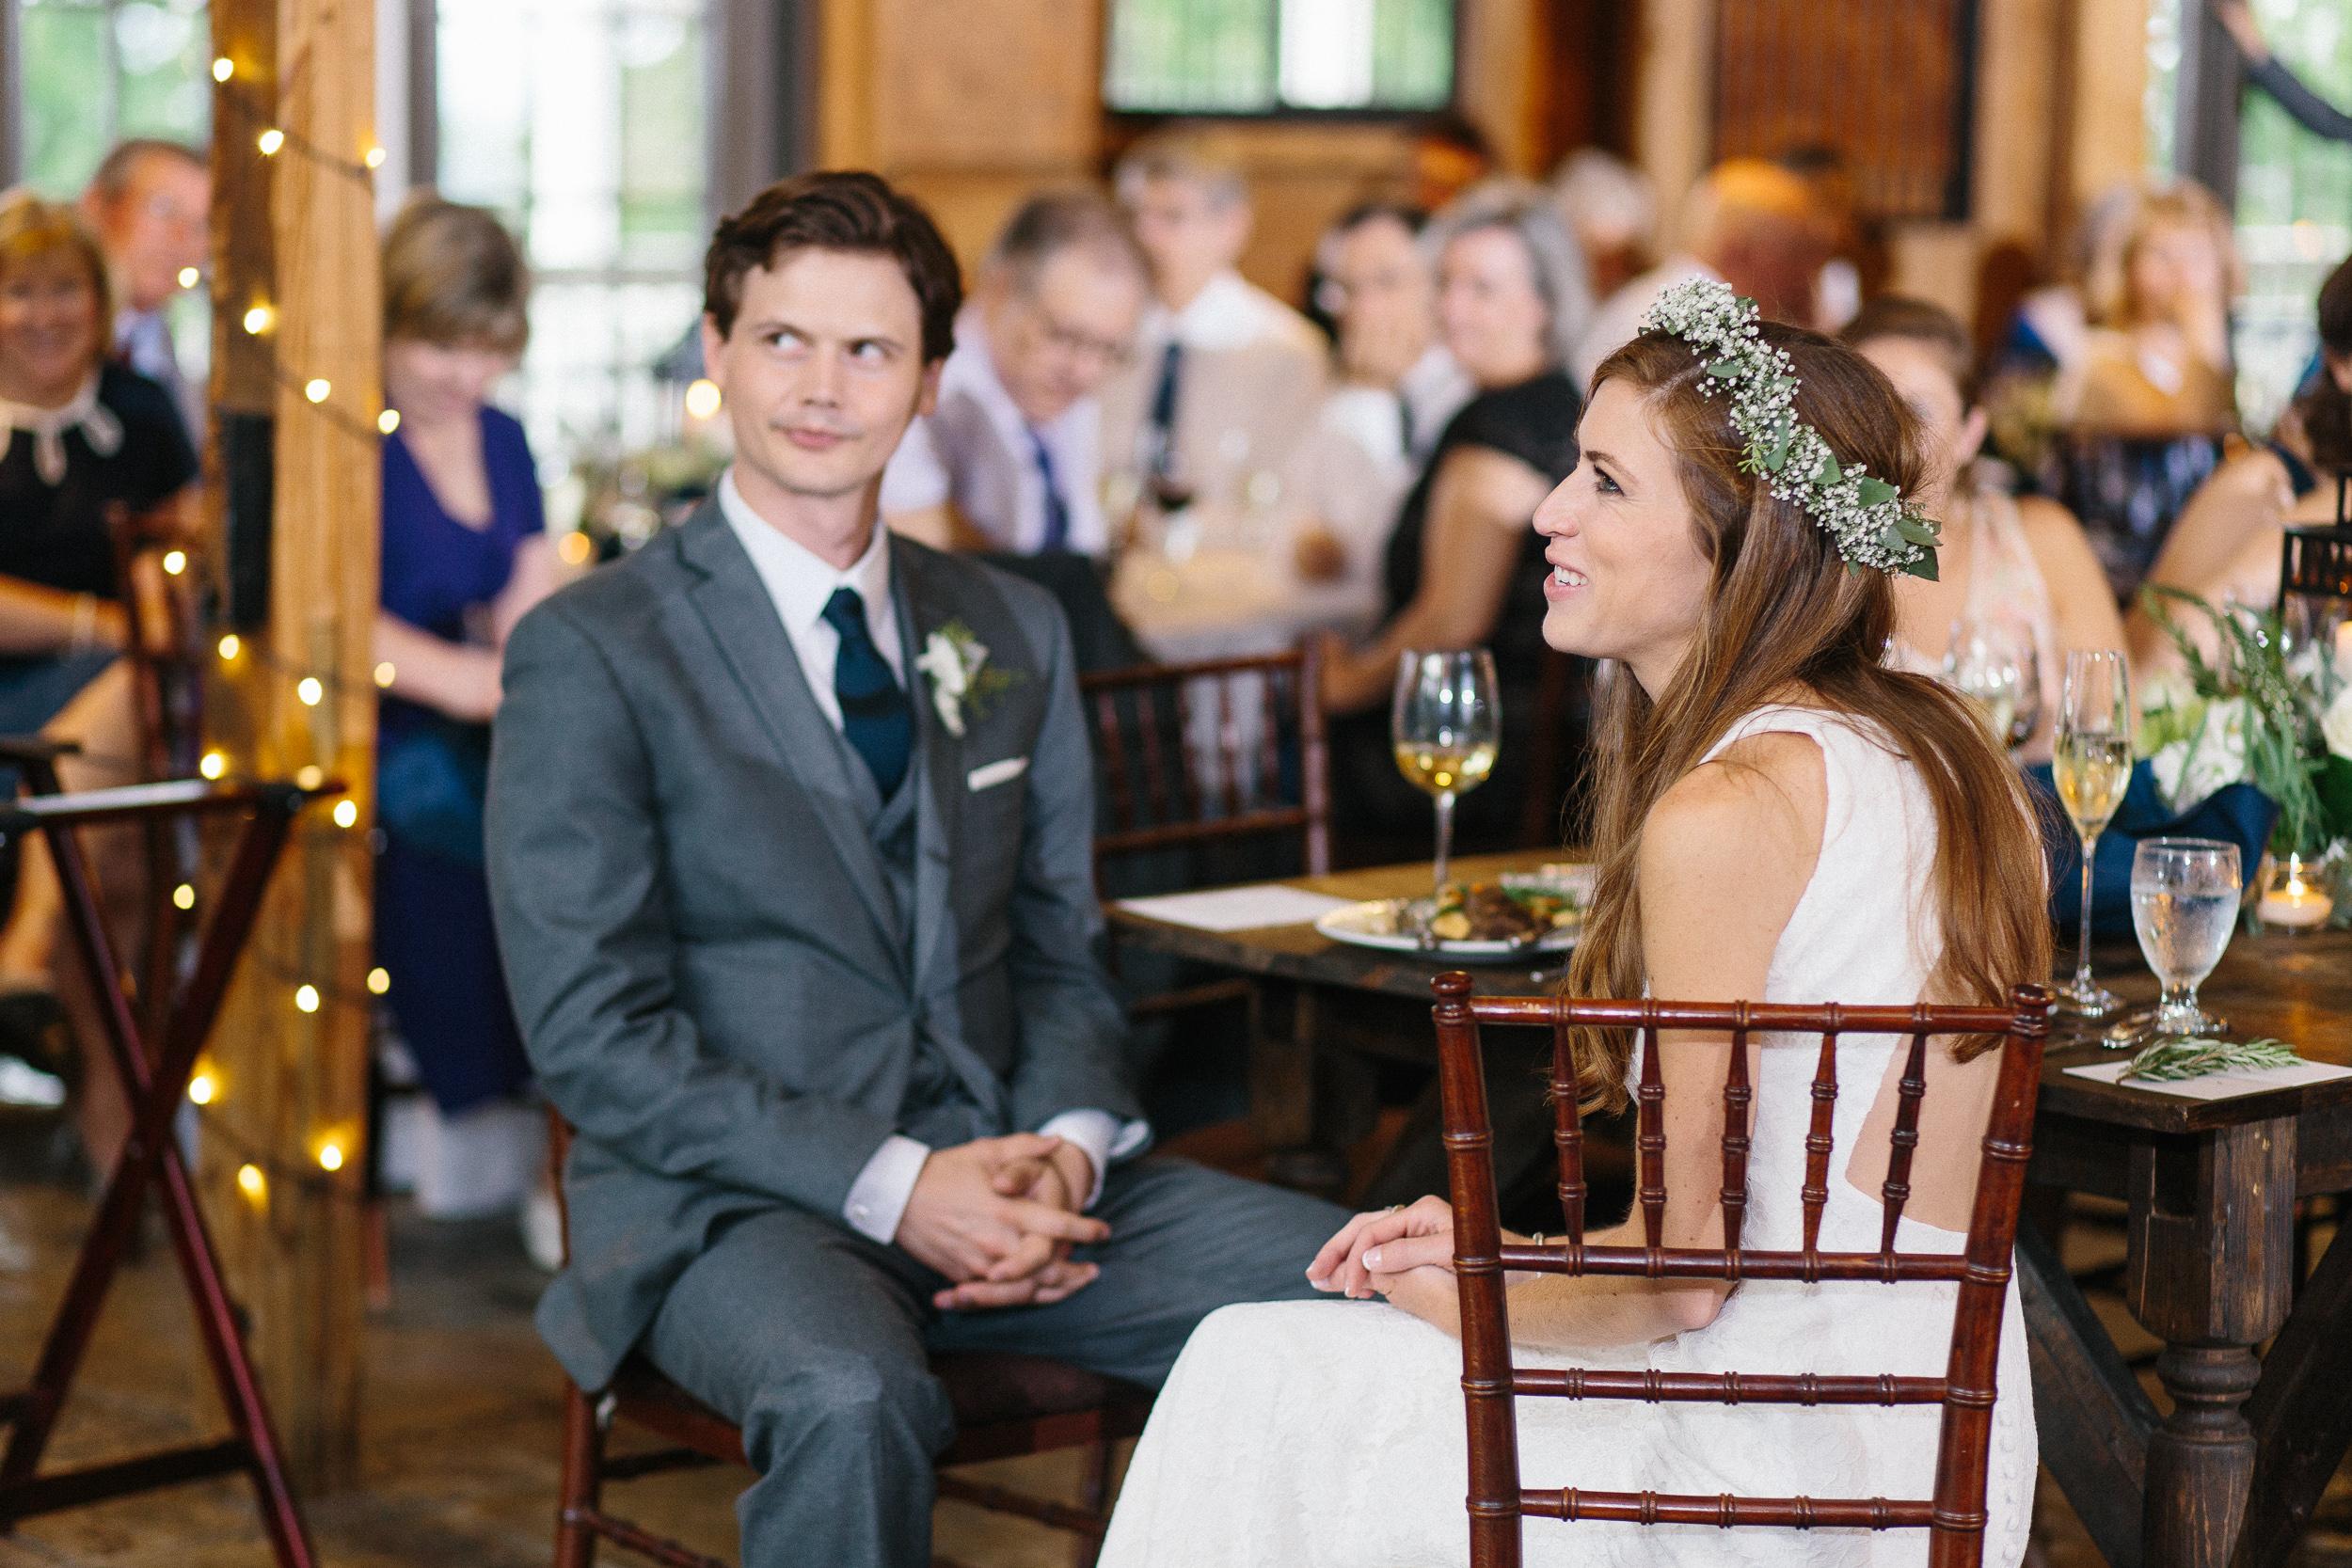 wedding-reception-toasts-bluemont-vineyard